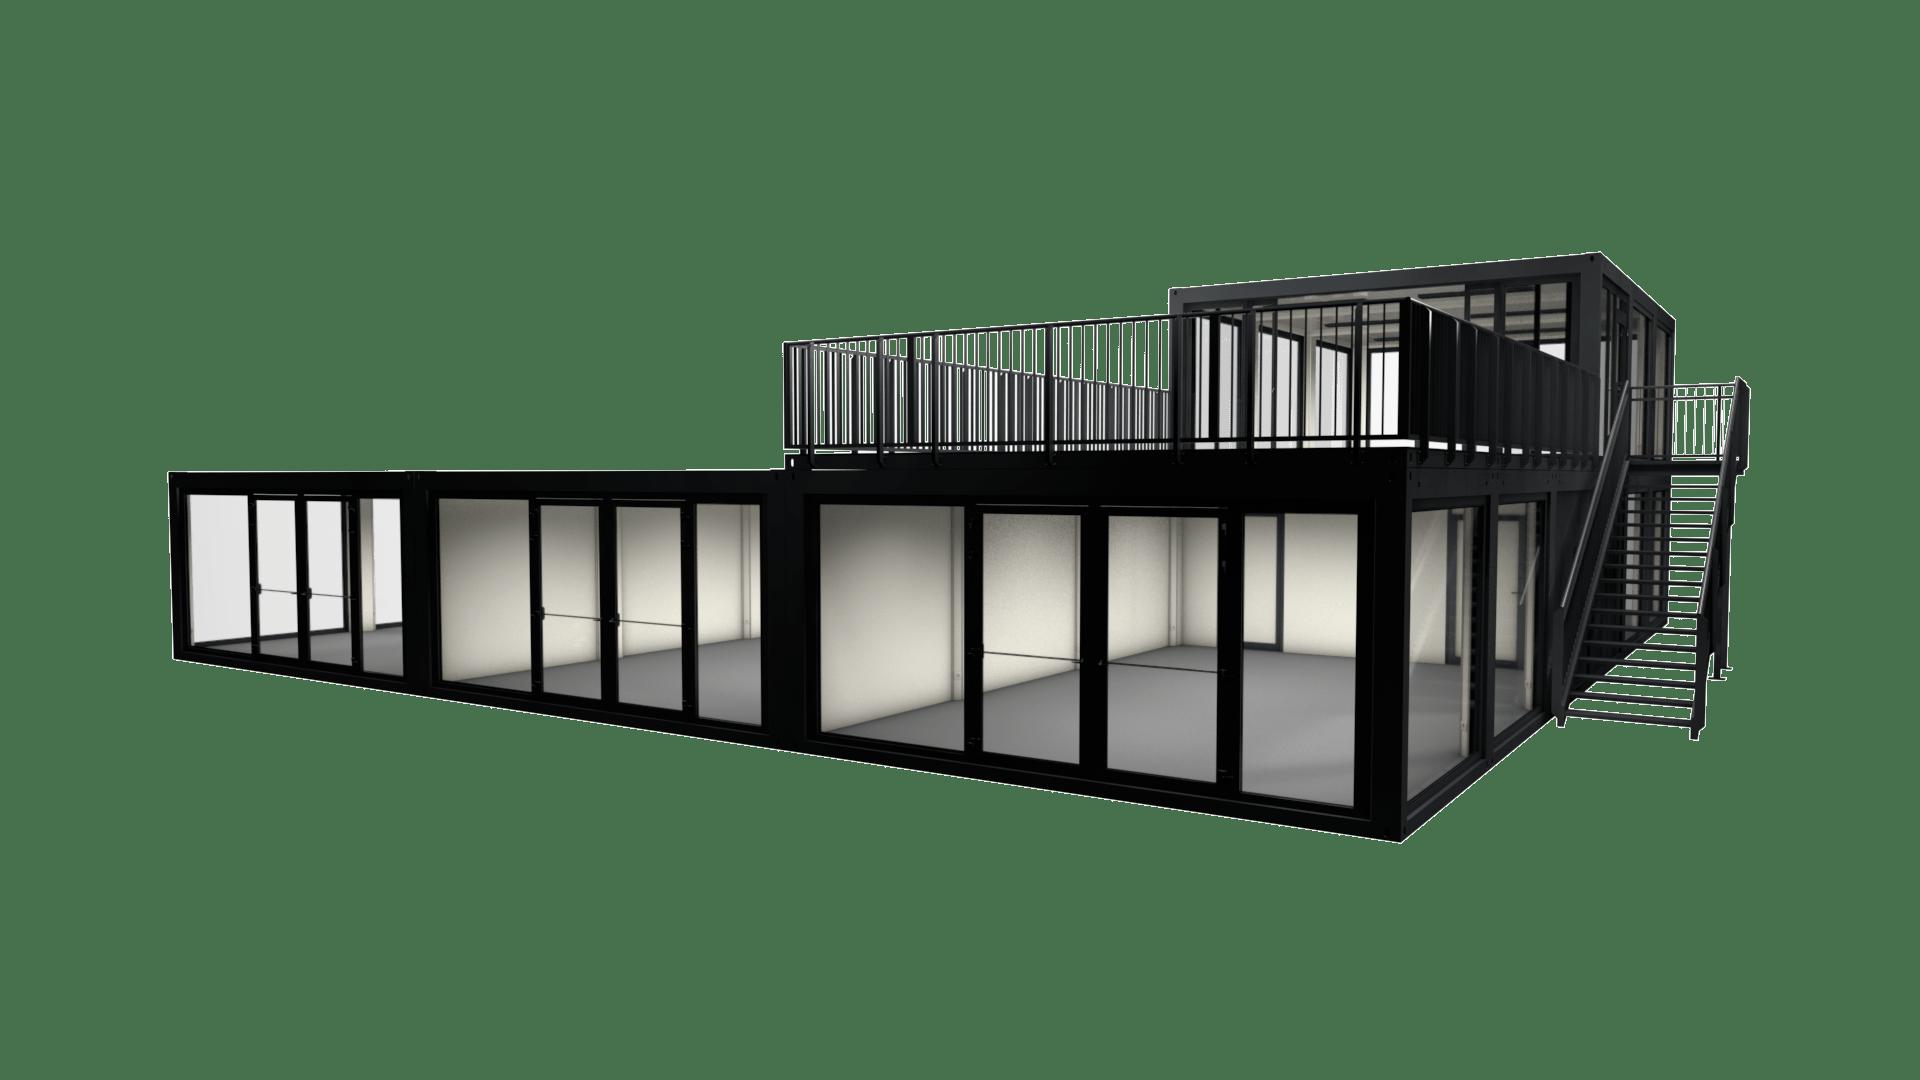 Container Modul M 36 ist ein Containergebäude mit sechs einzelnen Einheiten und Dachterrasse